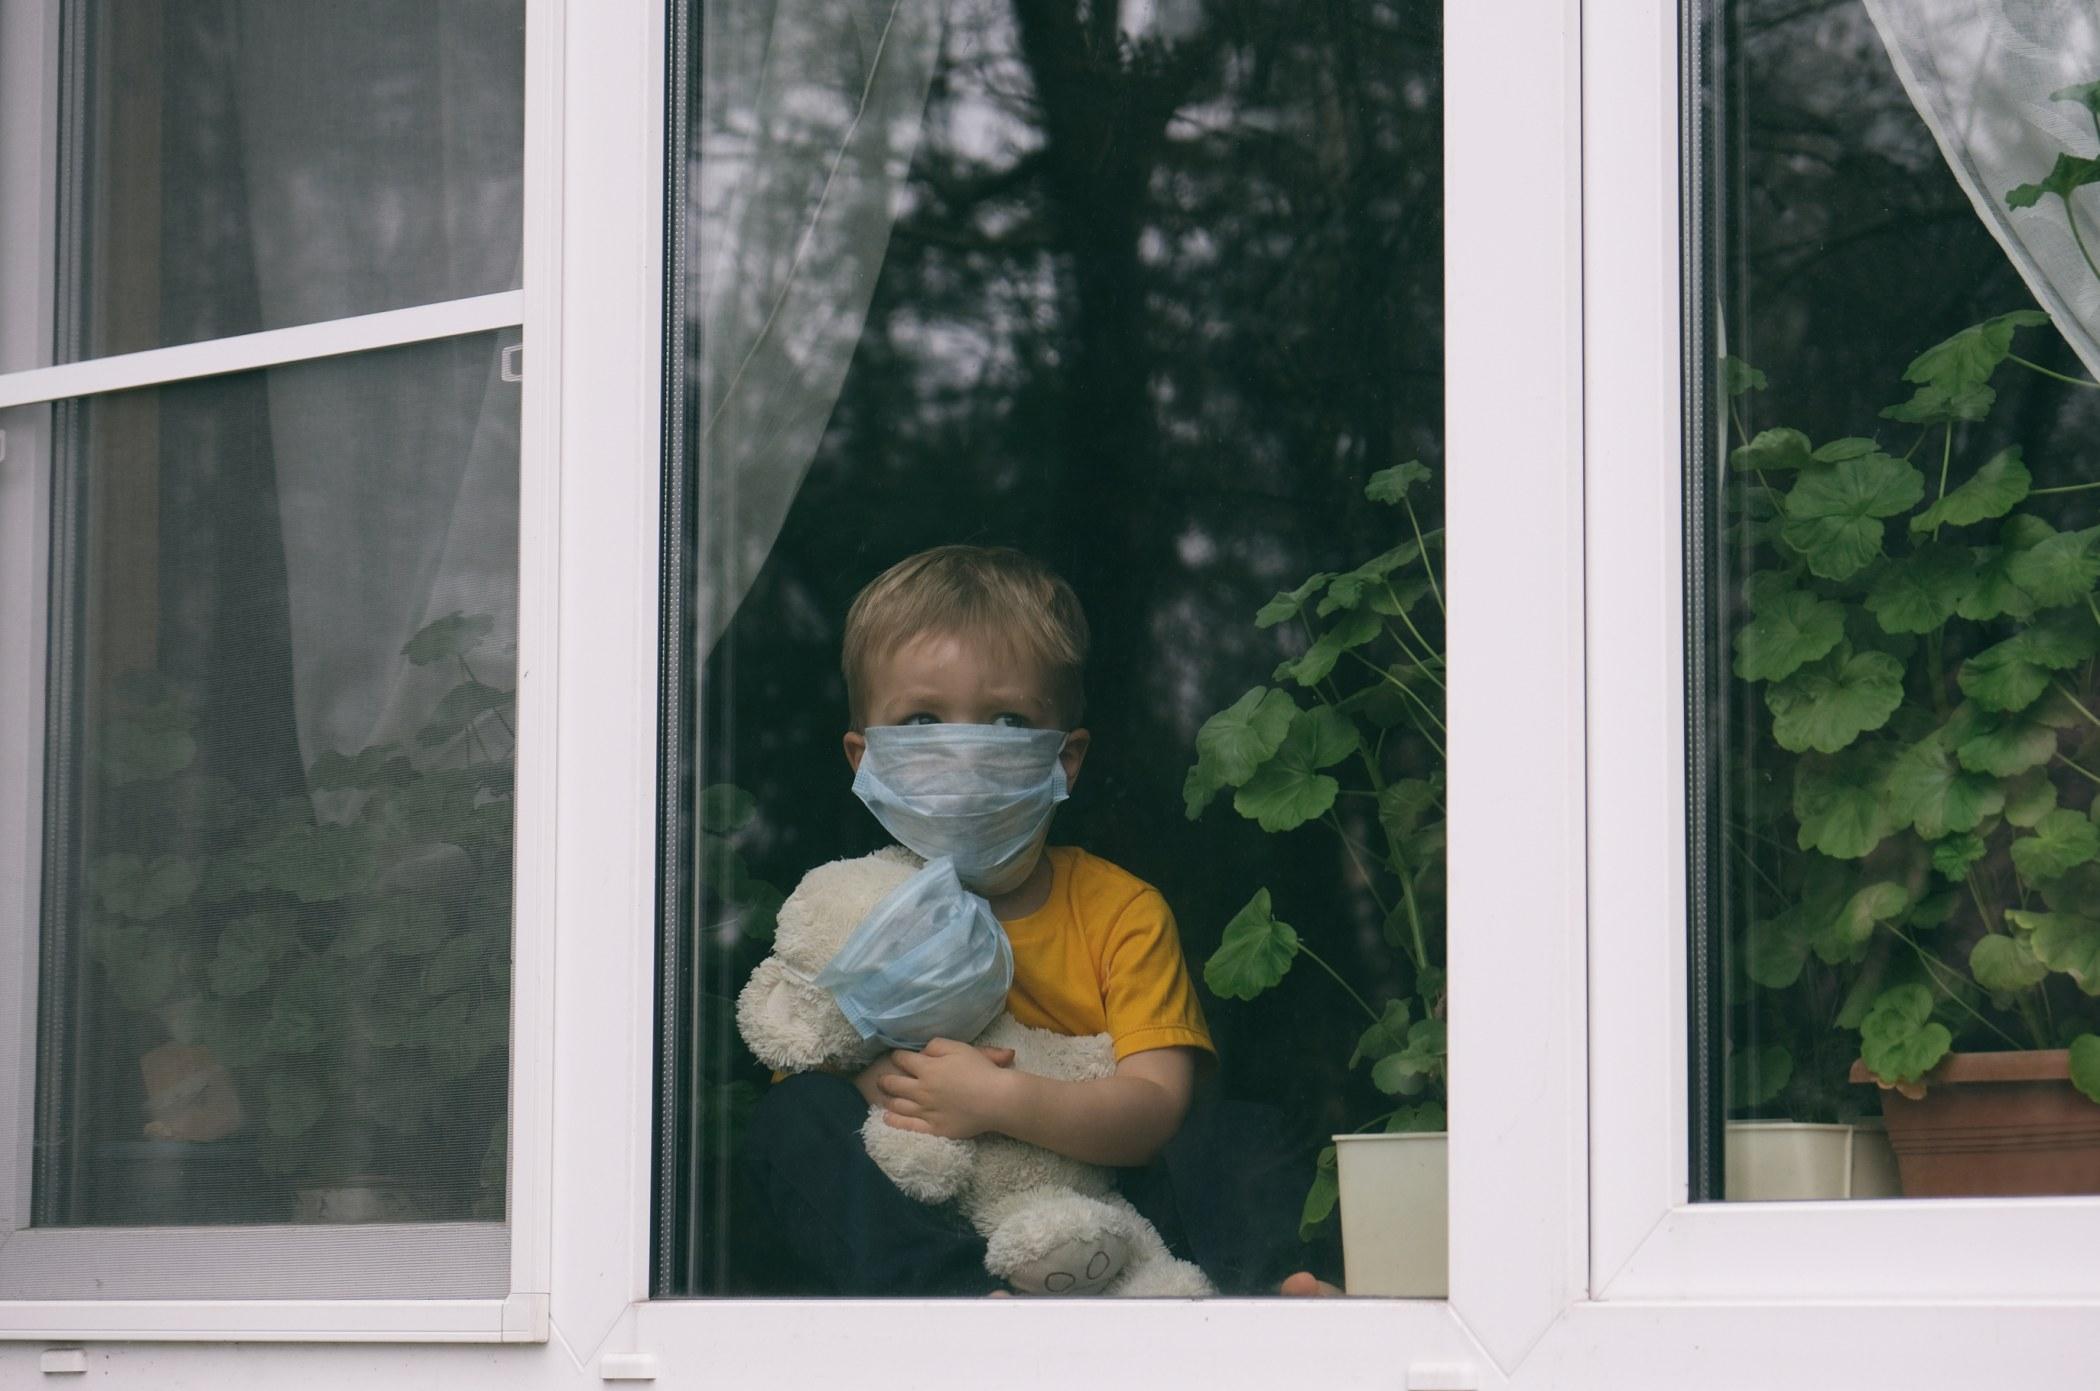 One-week Quarantine